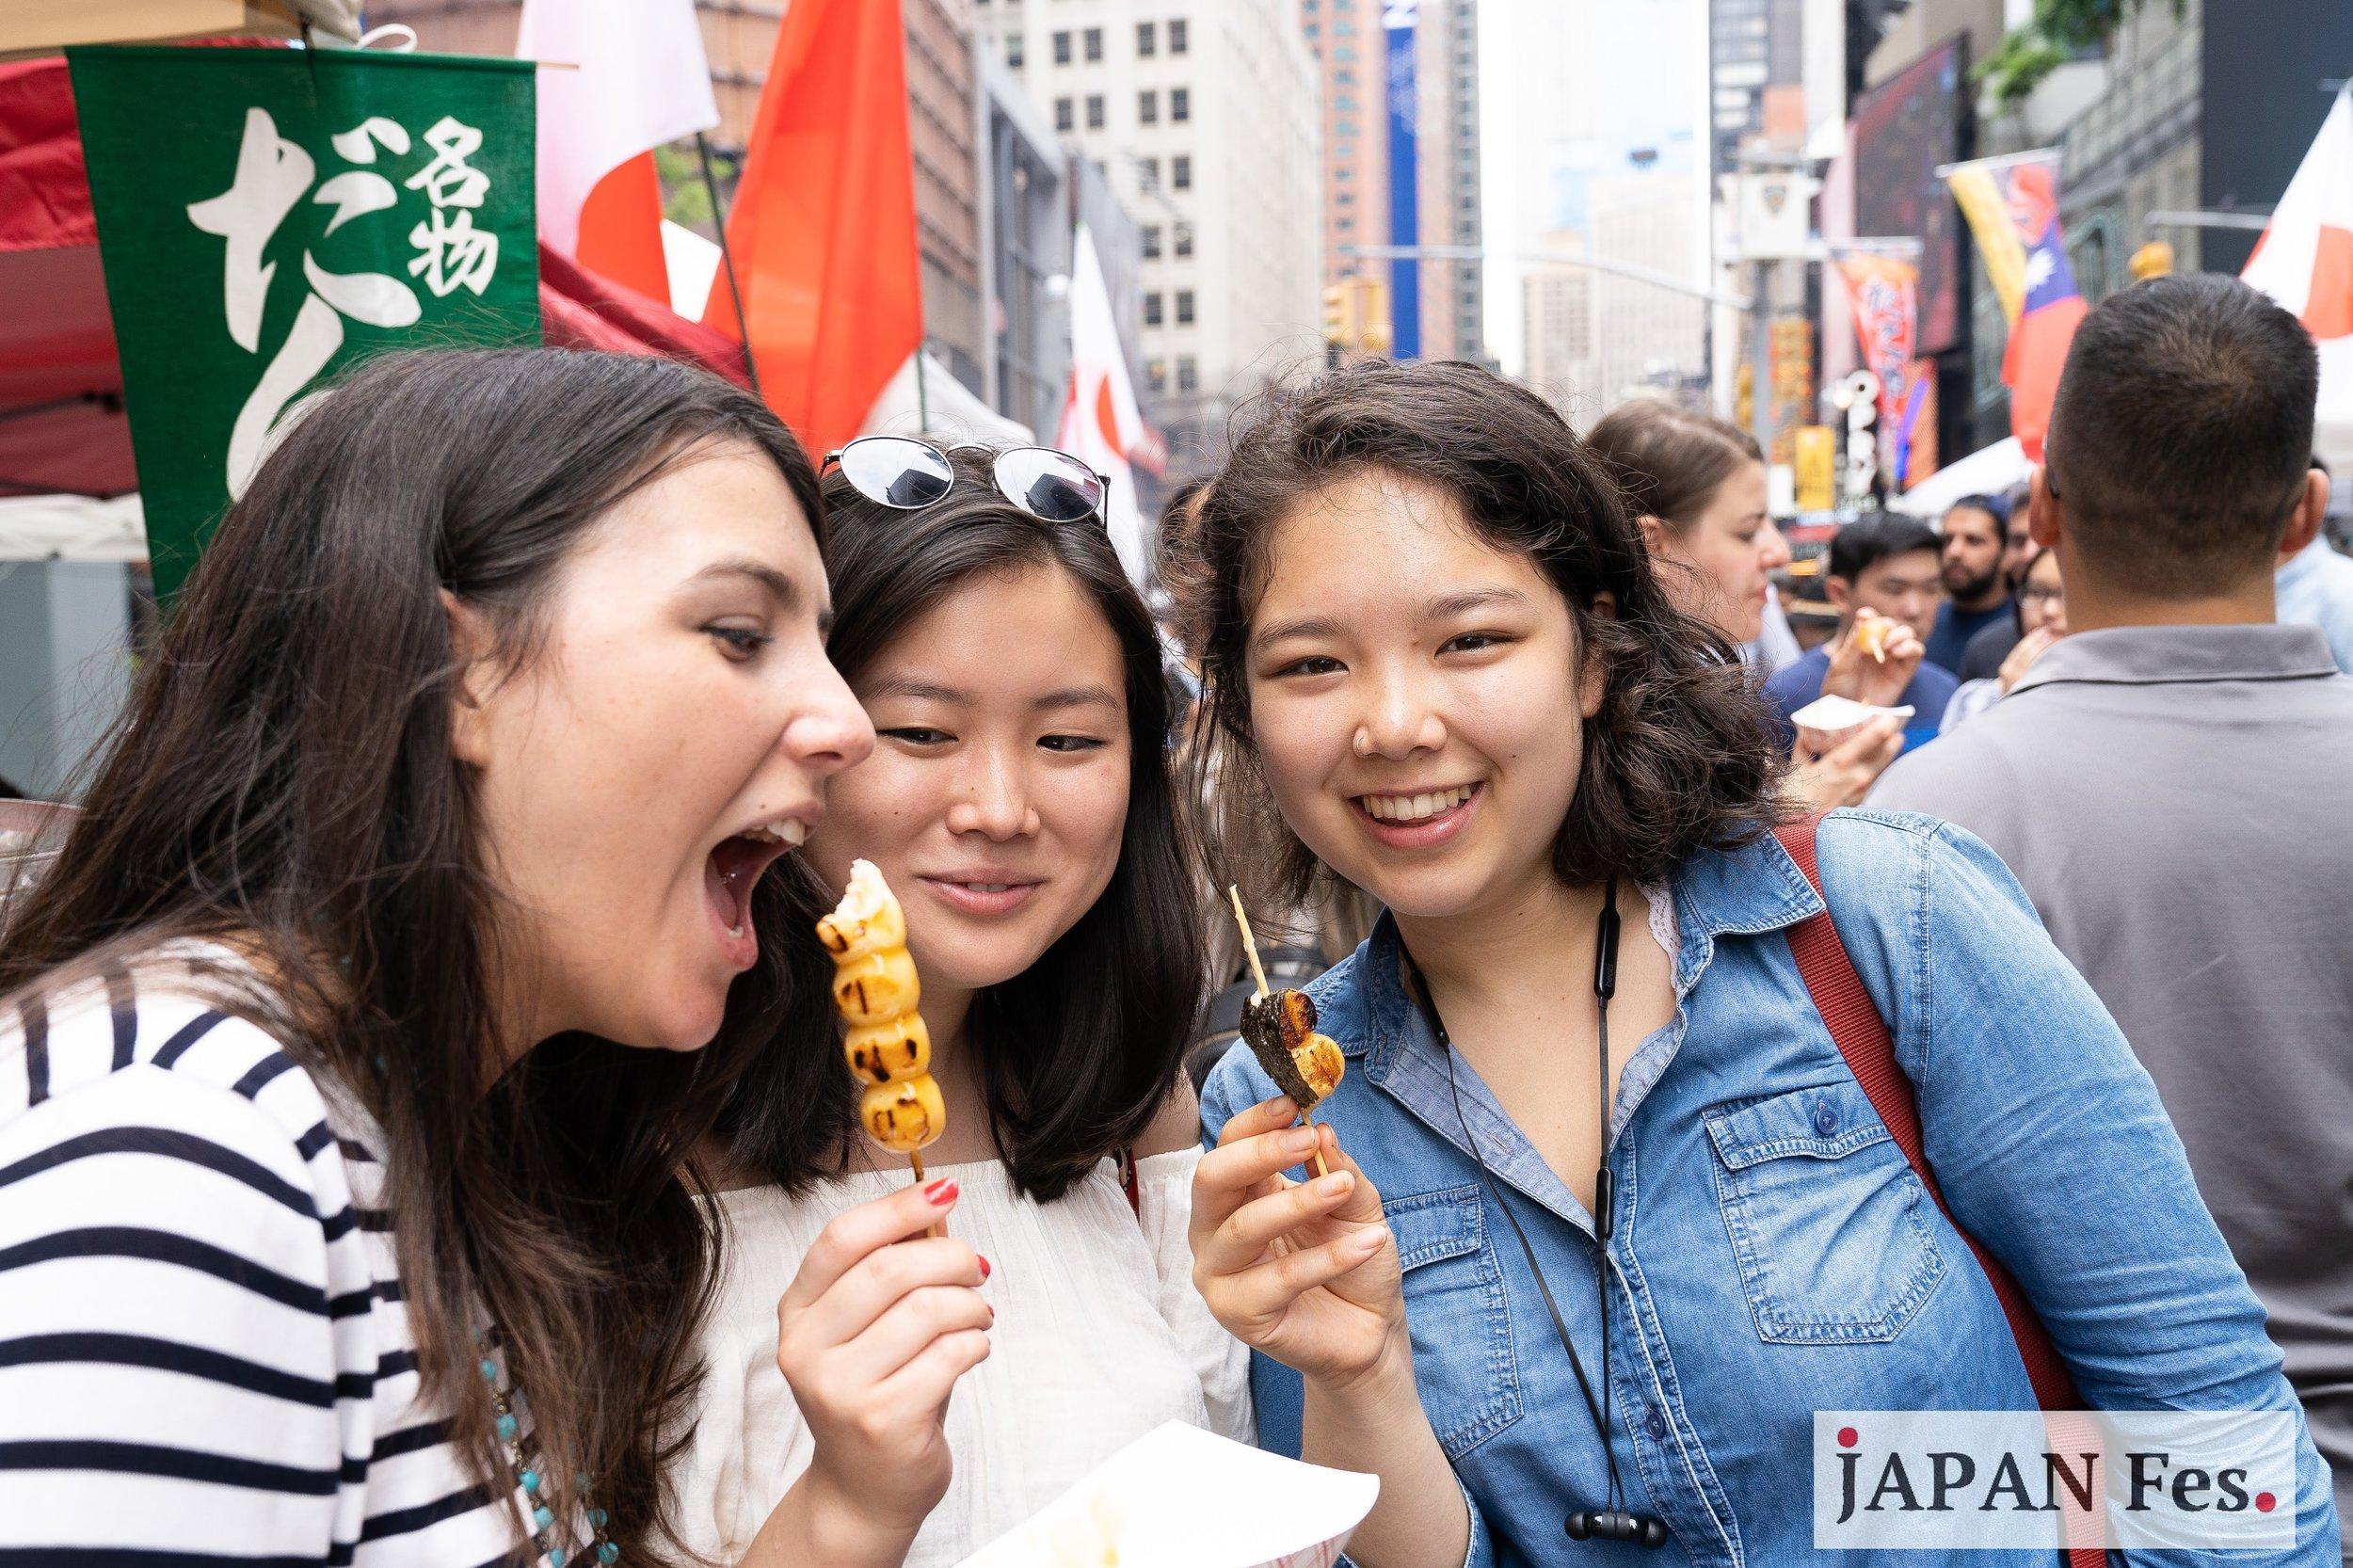 Japan_fes_Asia bites-101.jpg